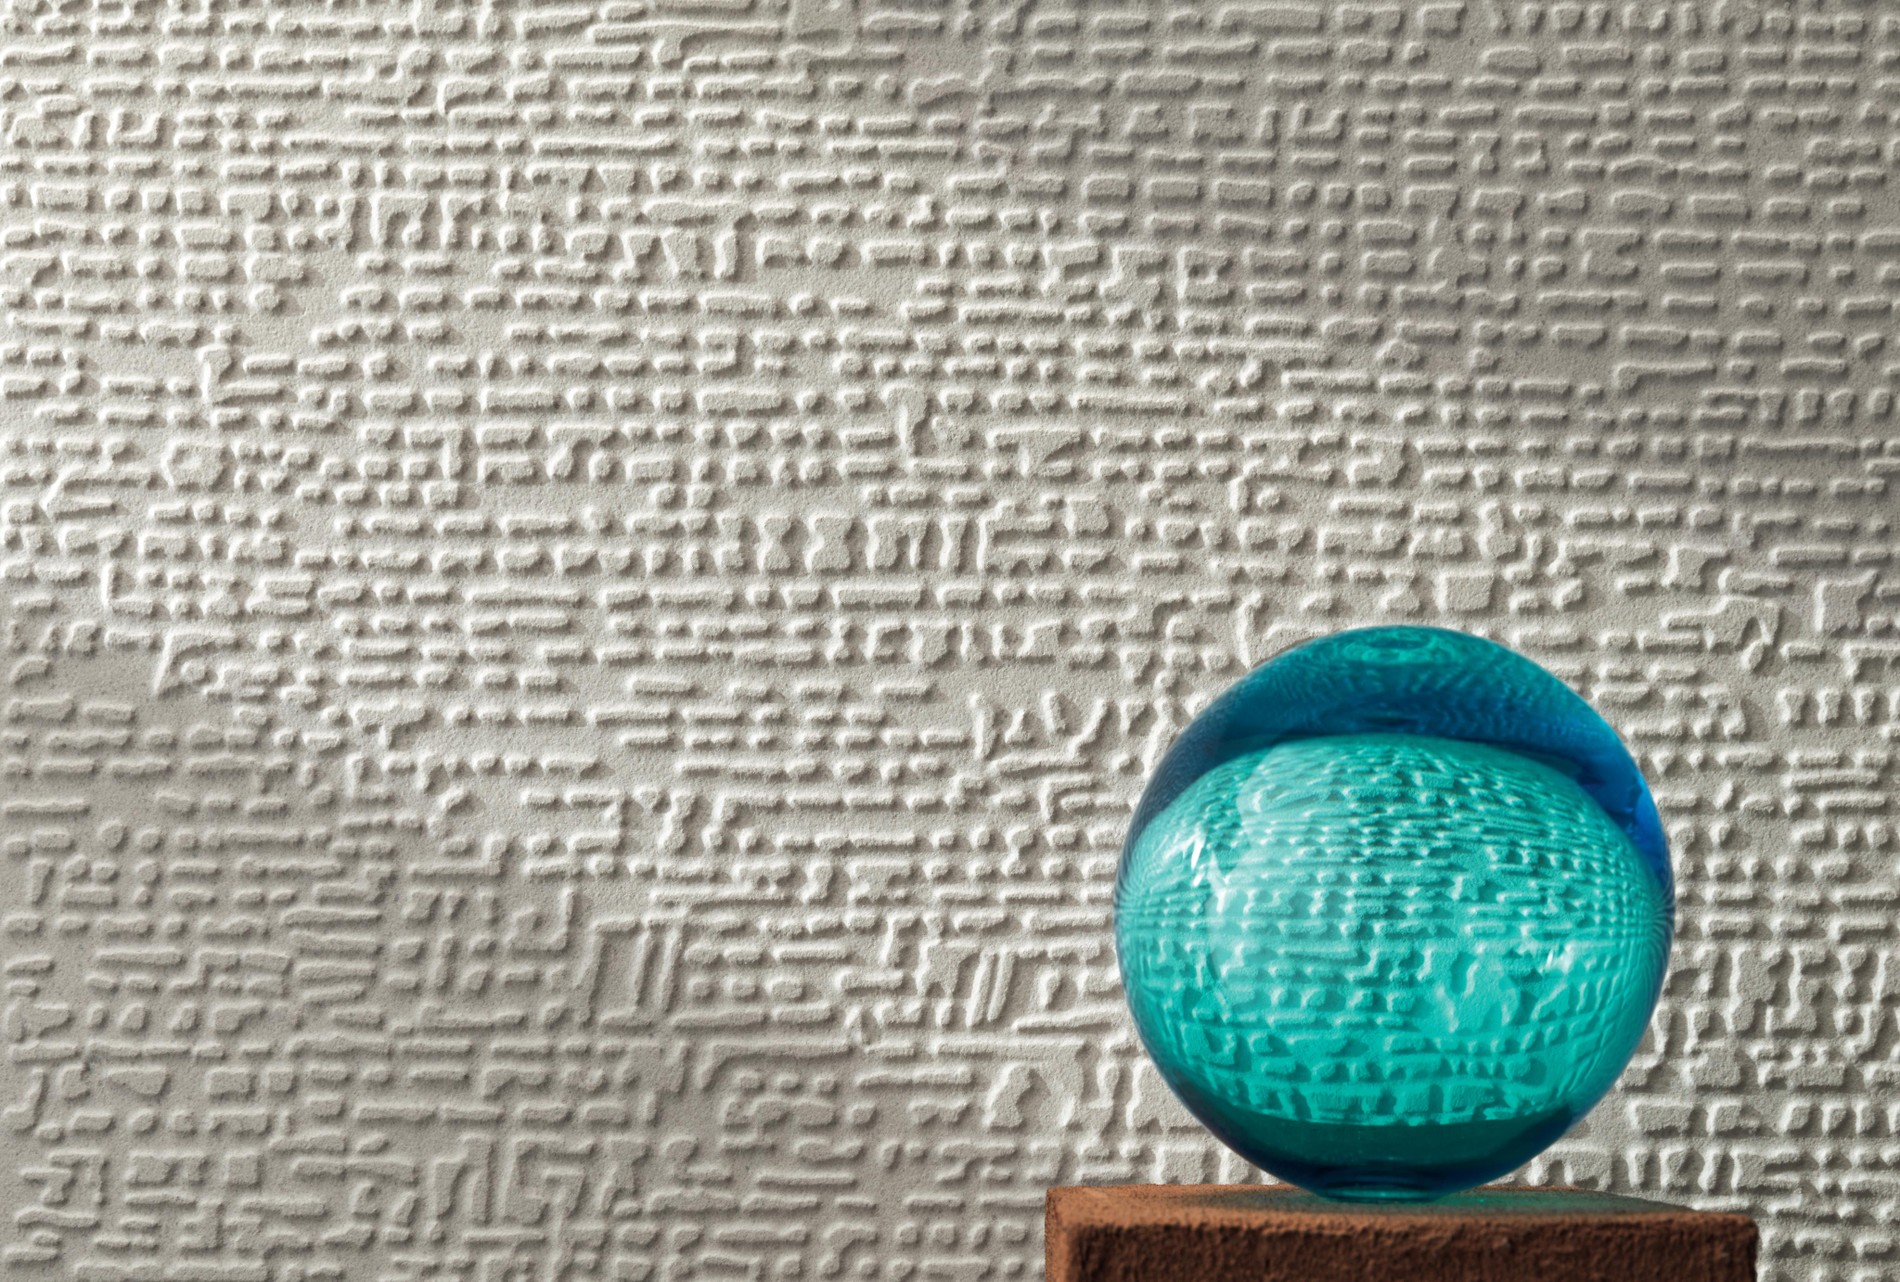 Design Week 2021: Atlas Concorde presents 3D Wall Carve